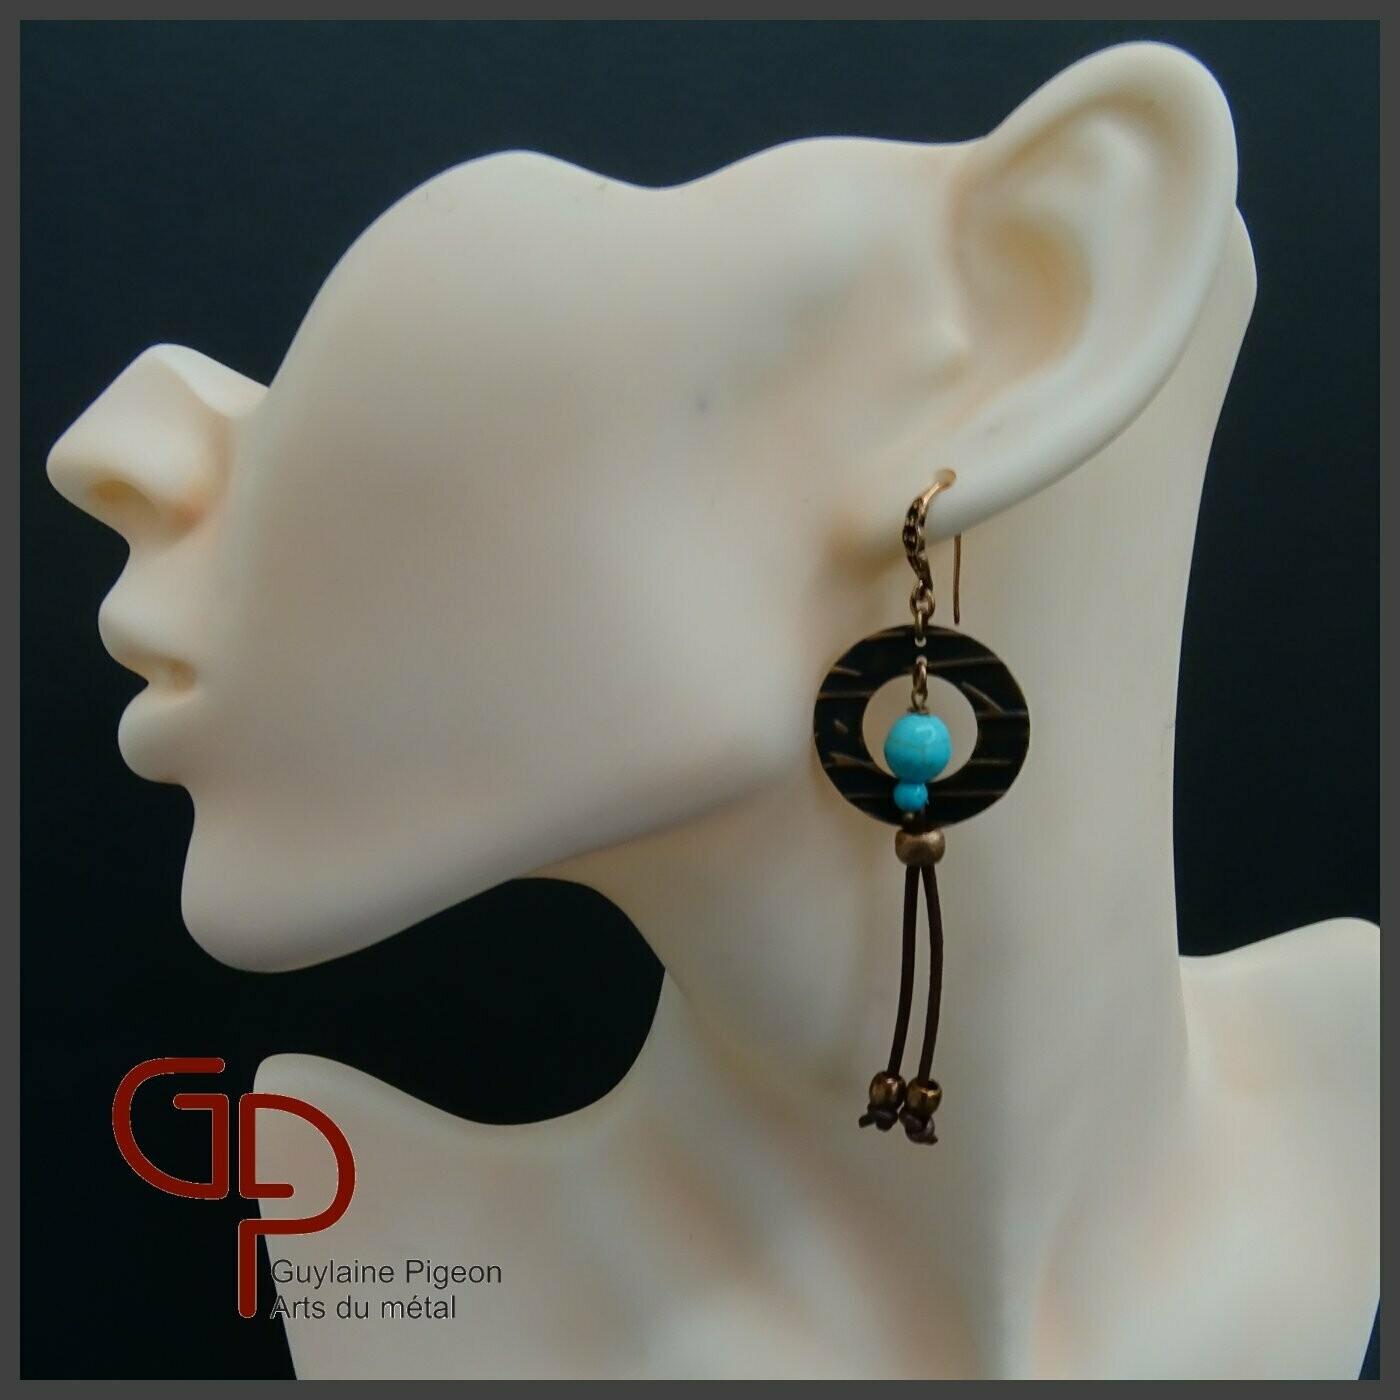 Boucles d'oreilles cuivre #5